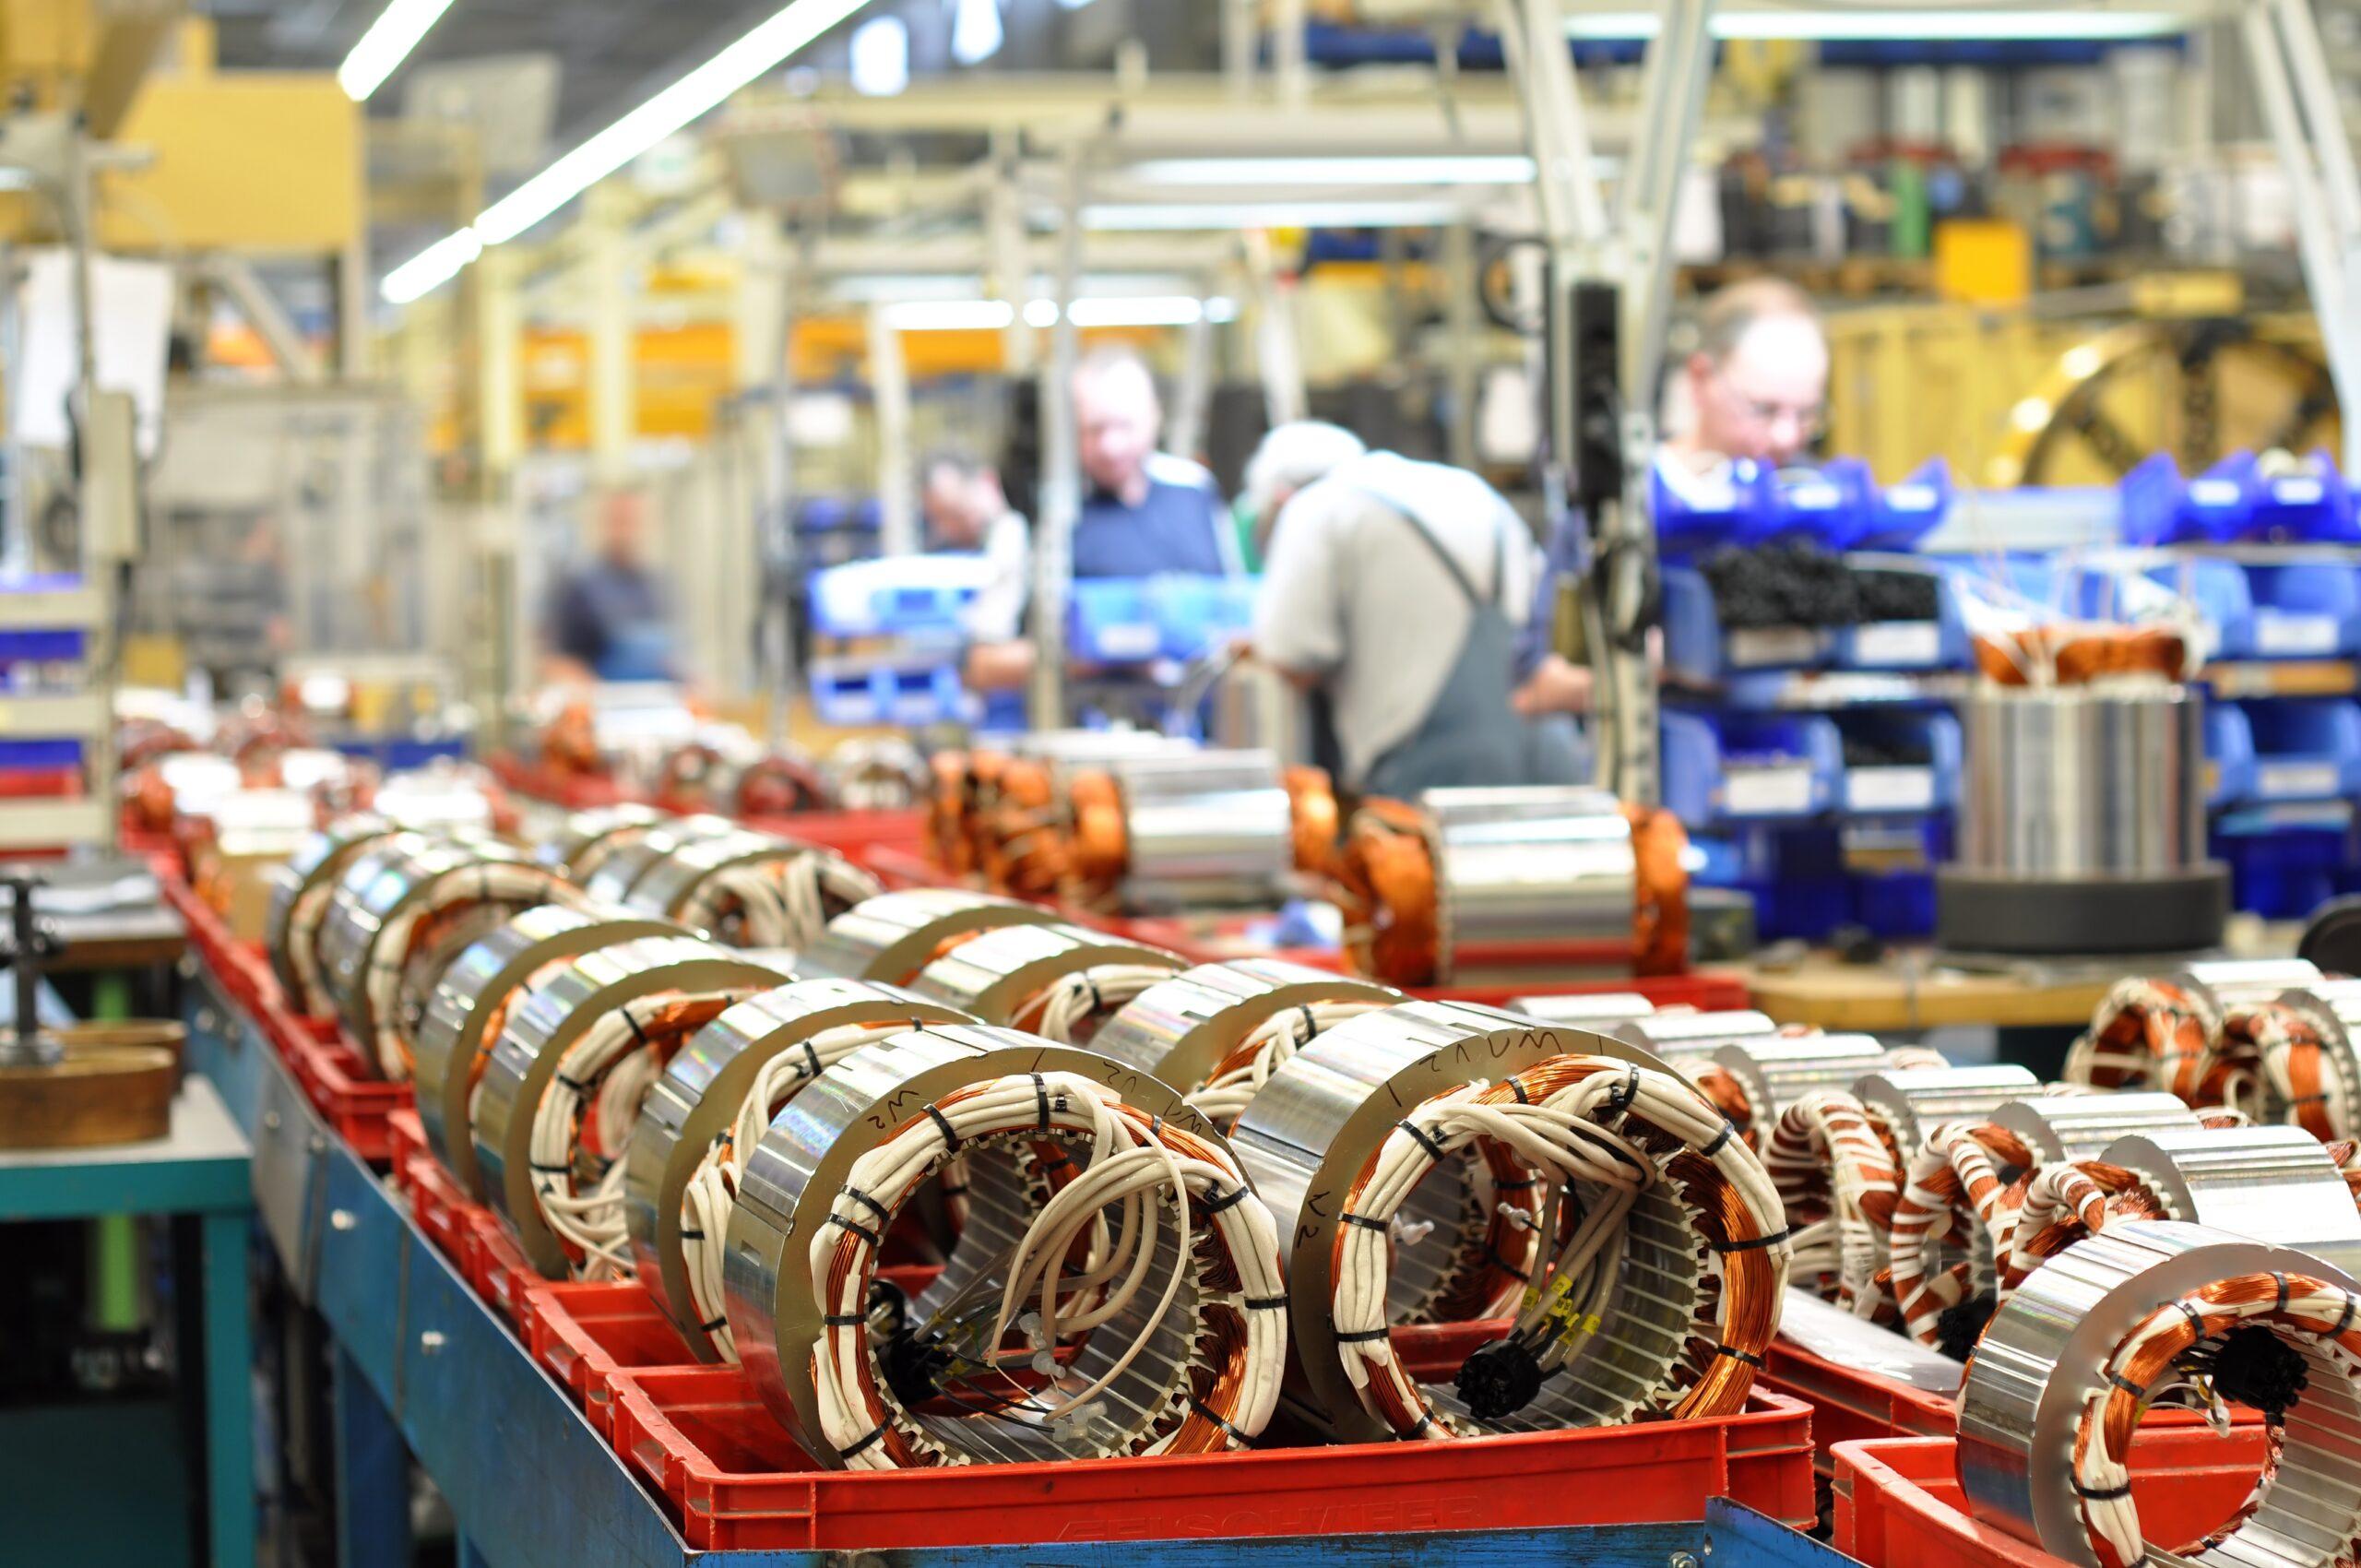 Mehrere Männer beim Arbeiten an Maschinen in einer großen Industriehalle.